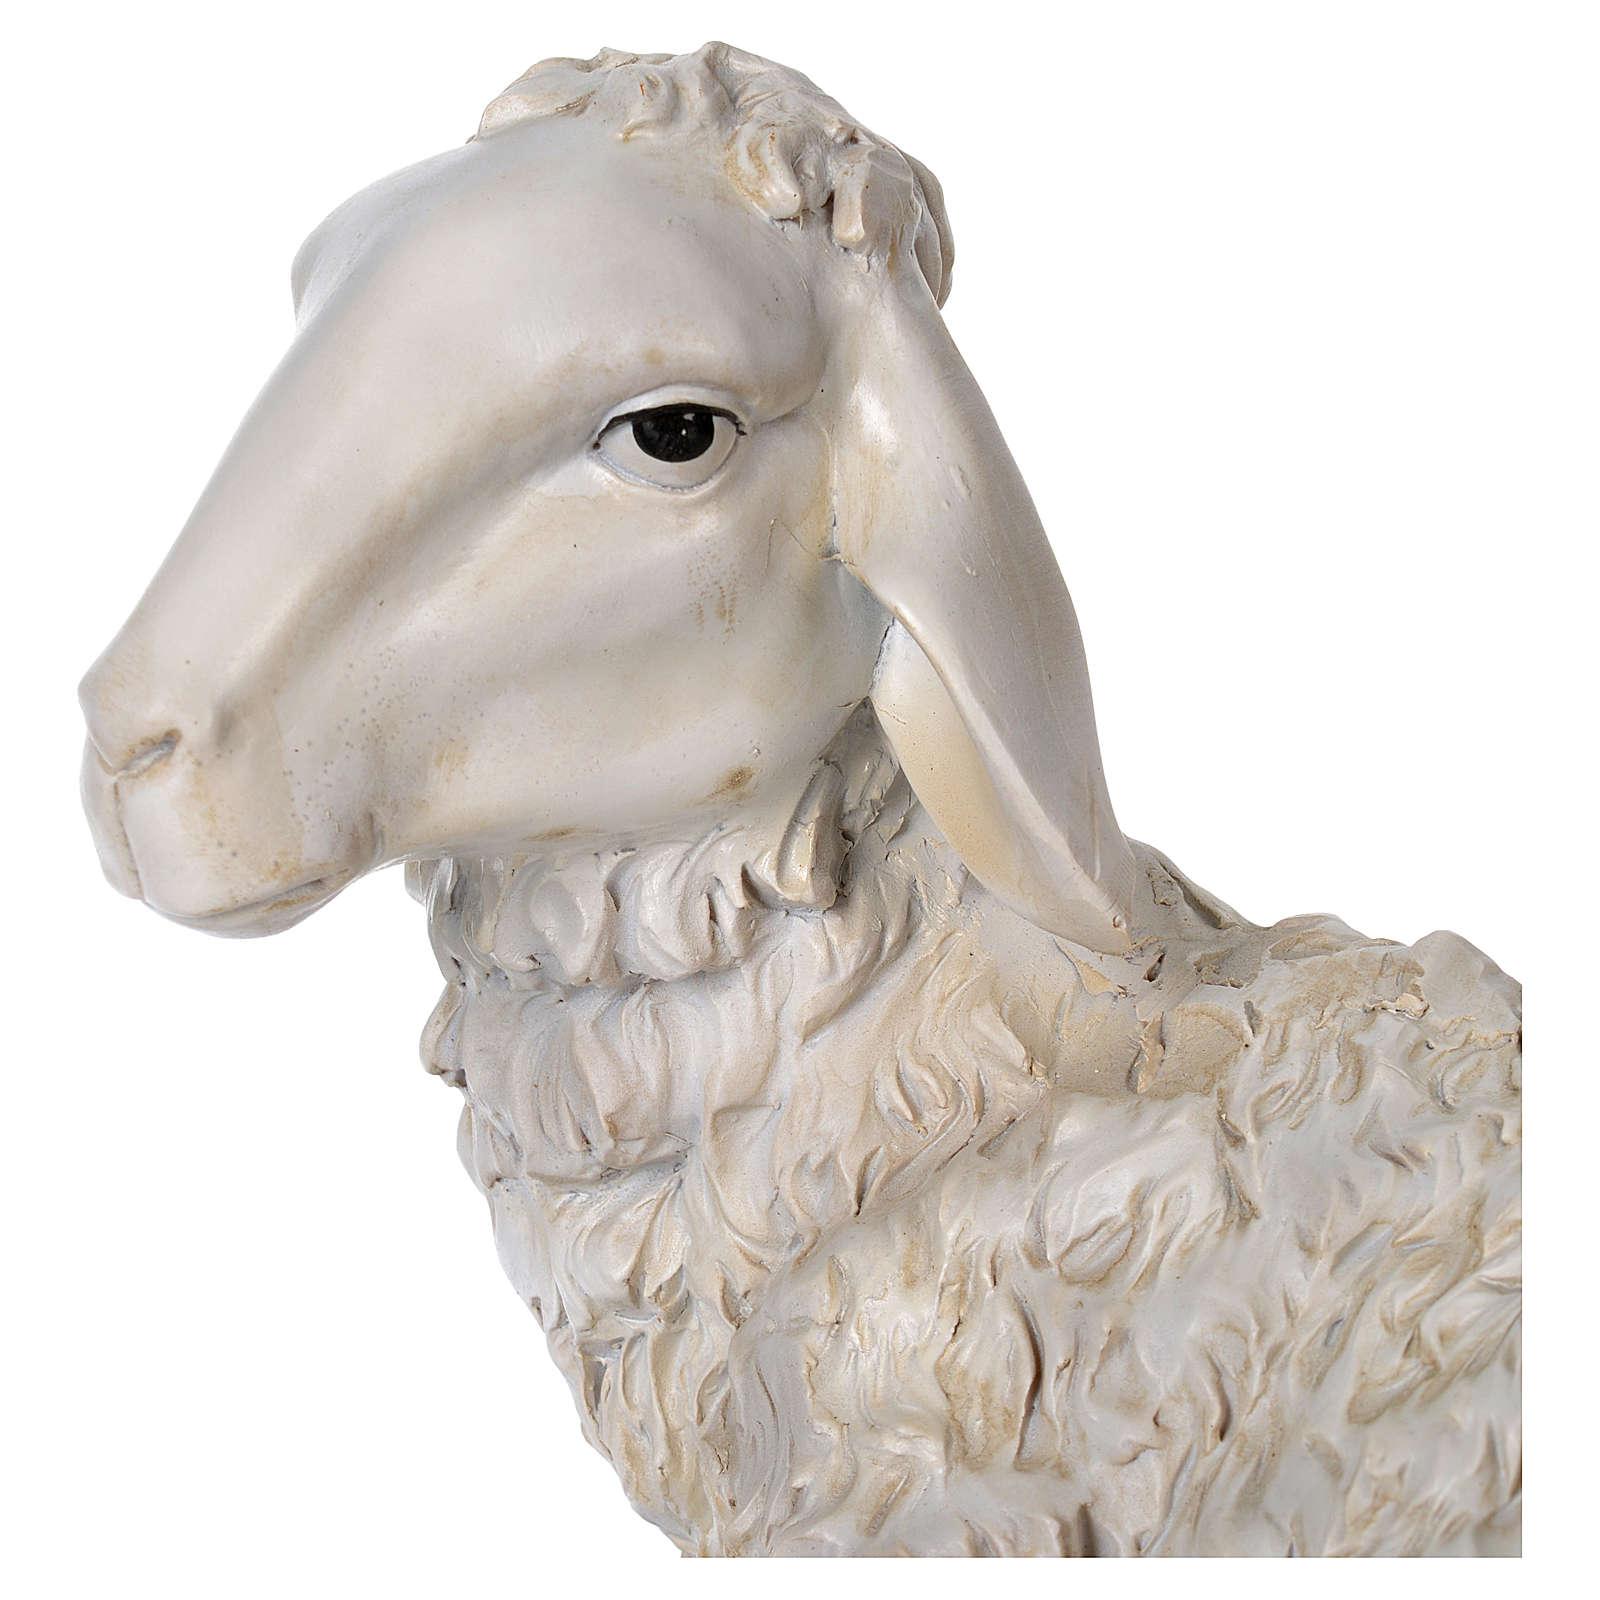 Ovelha sentada 28x14 cm resina para presépio com figuras de altura média 50-60 cm 3